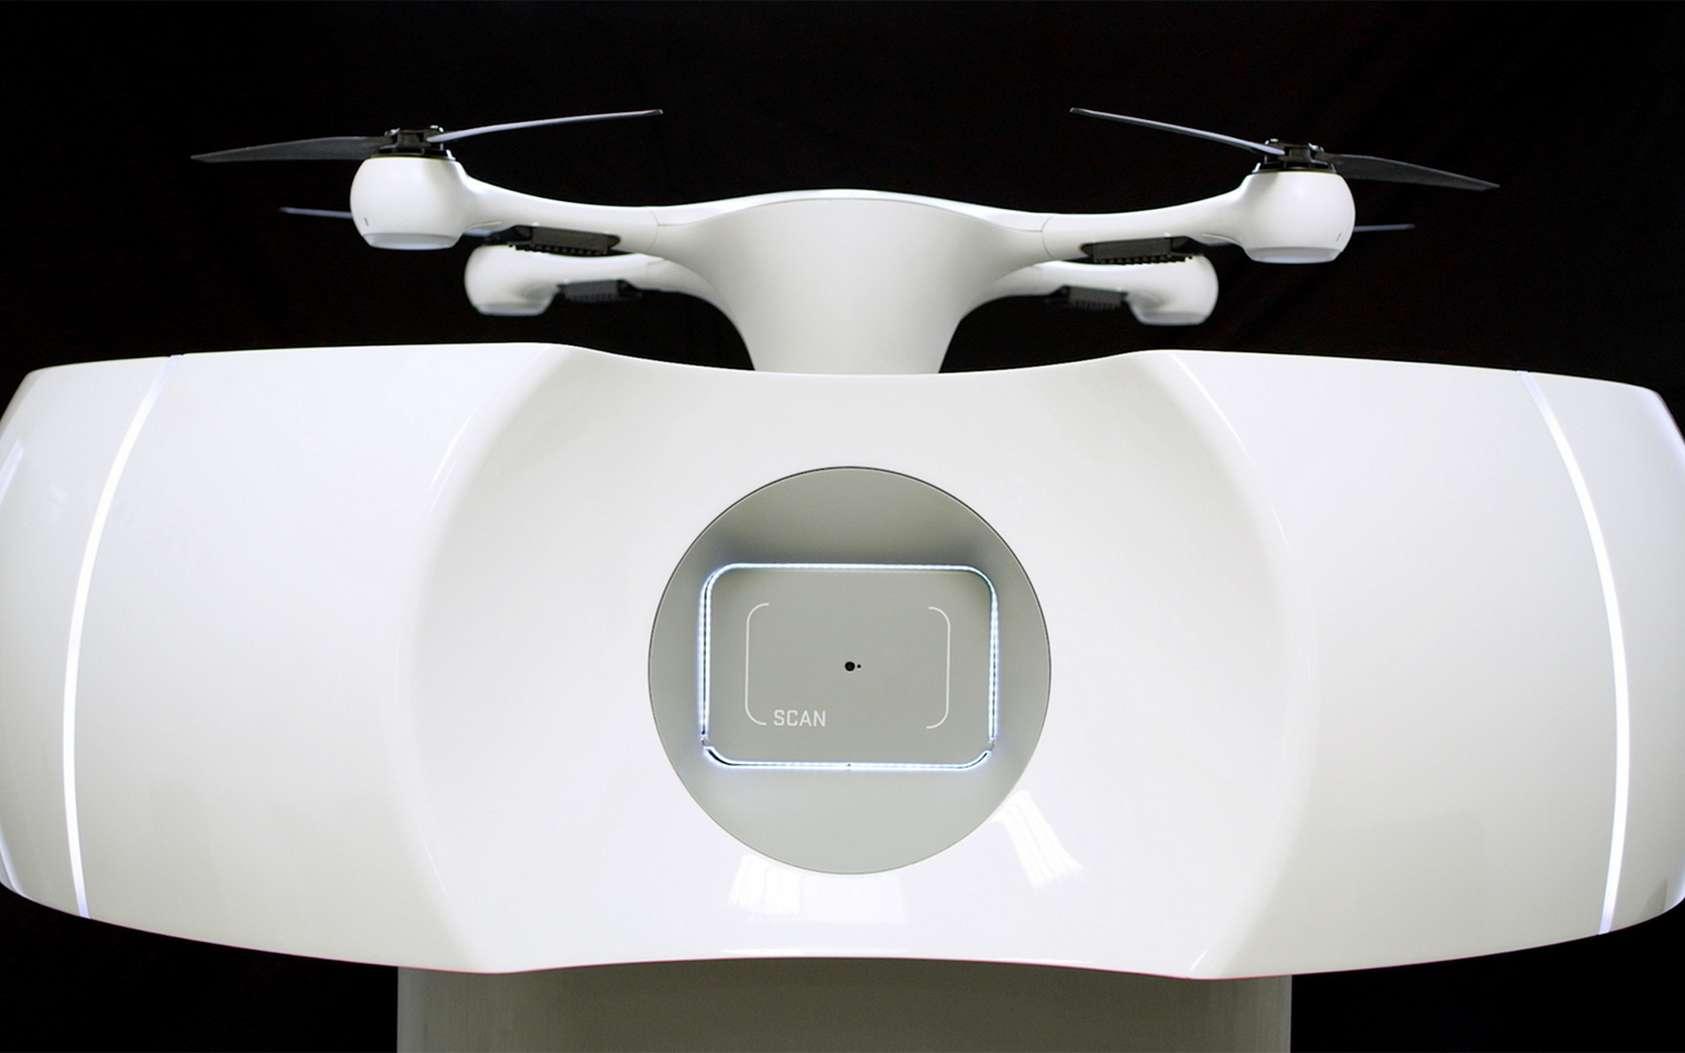 Un drone Matternet posé sur la station d'accueil, qui automatise le chargement et le déchargement et qui échange les batteries de l'engin à chaque vol. © Matternet